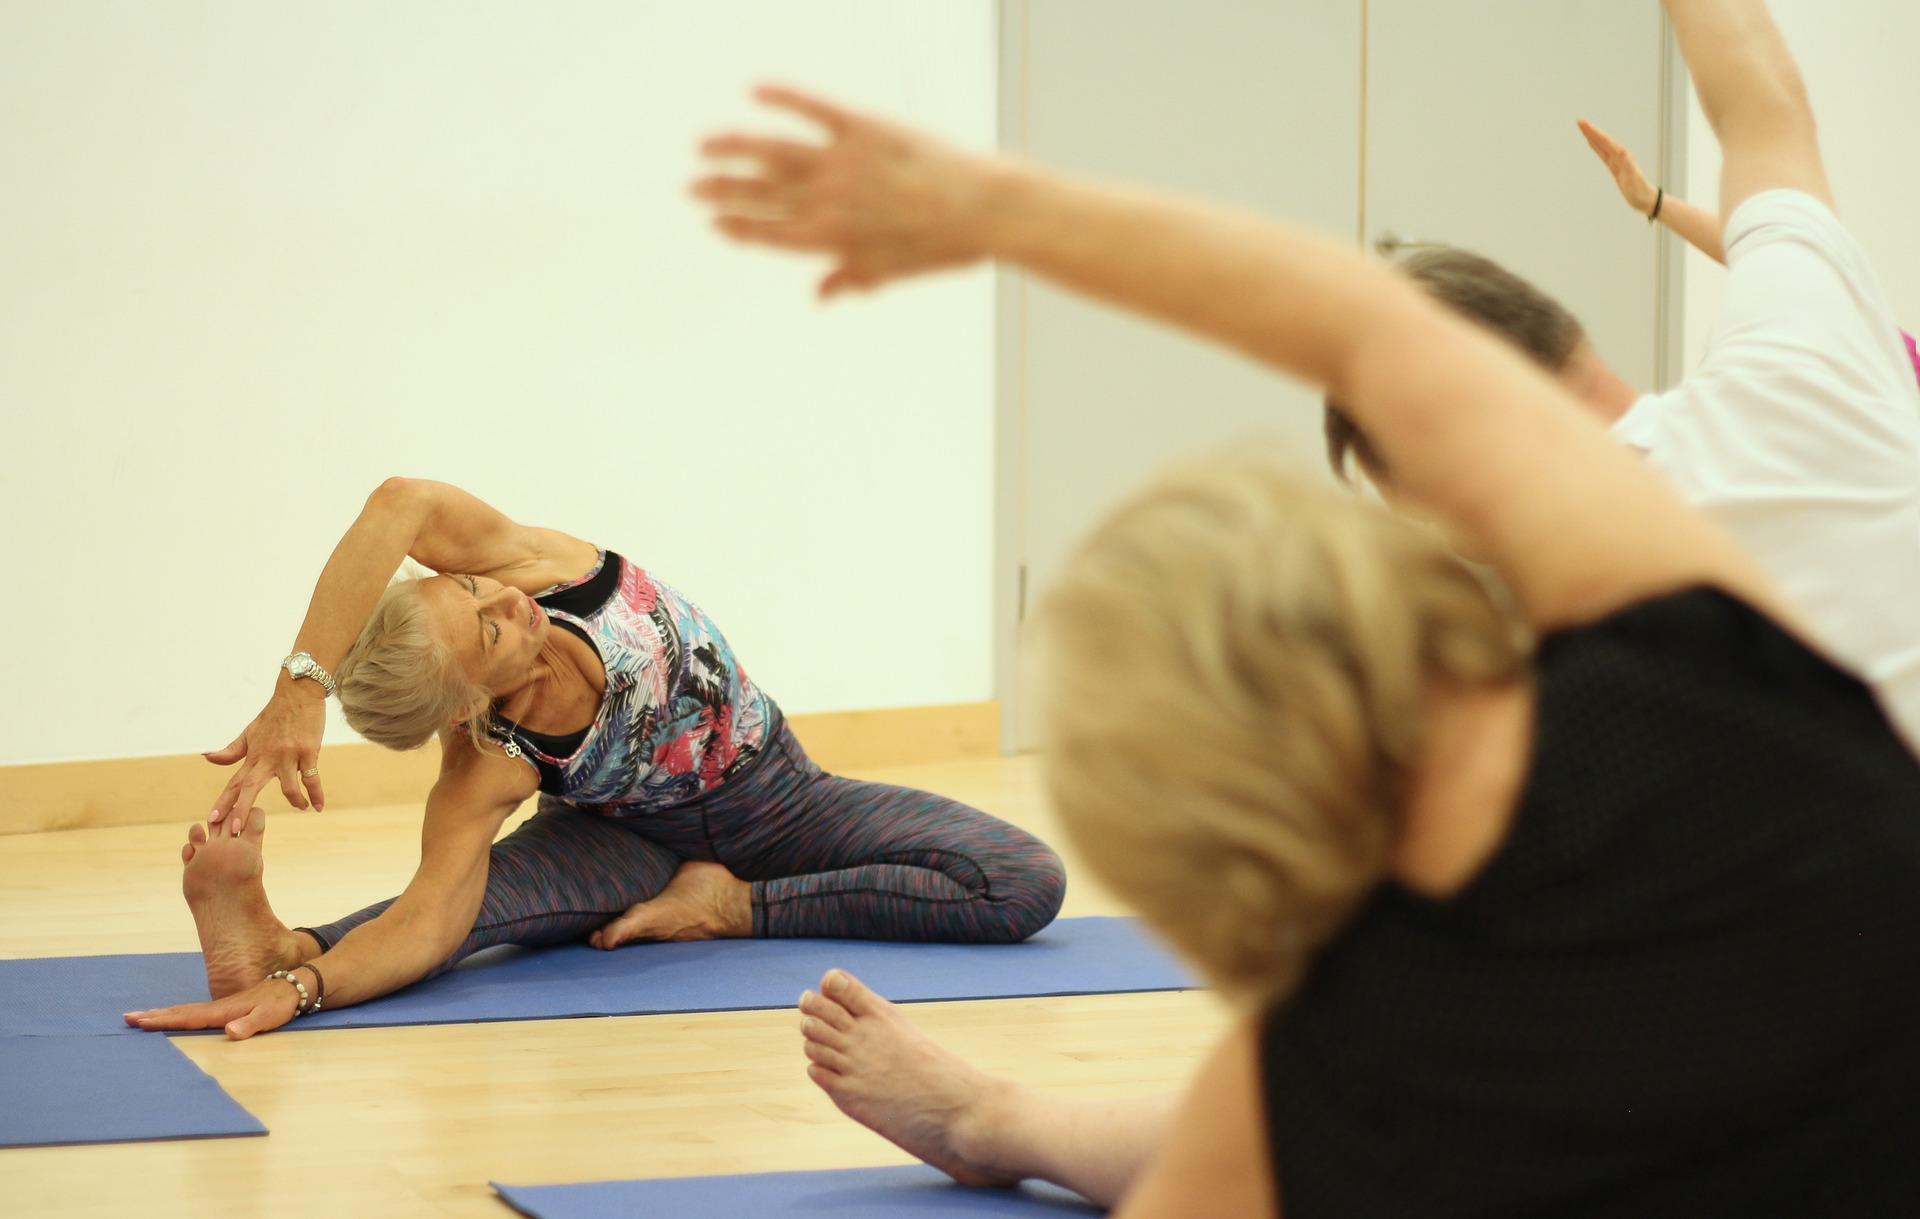 Training exercise yoga.jpg